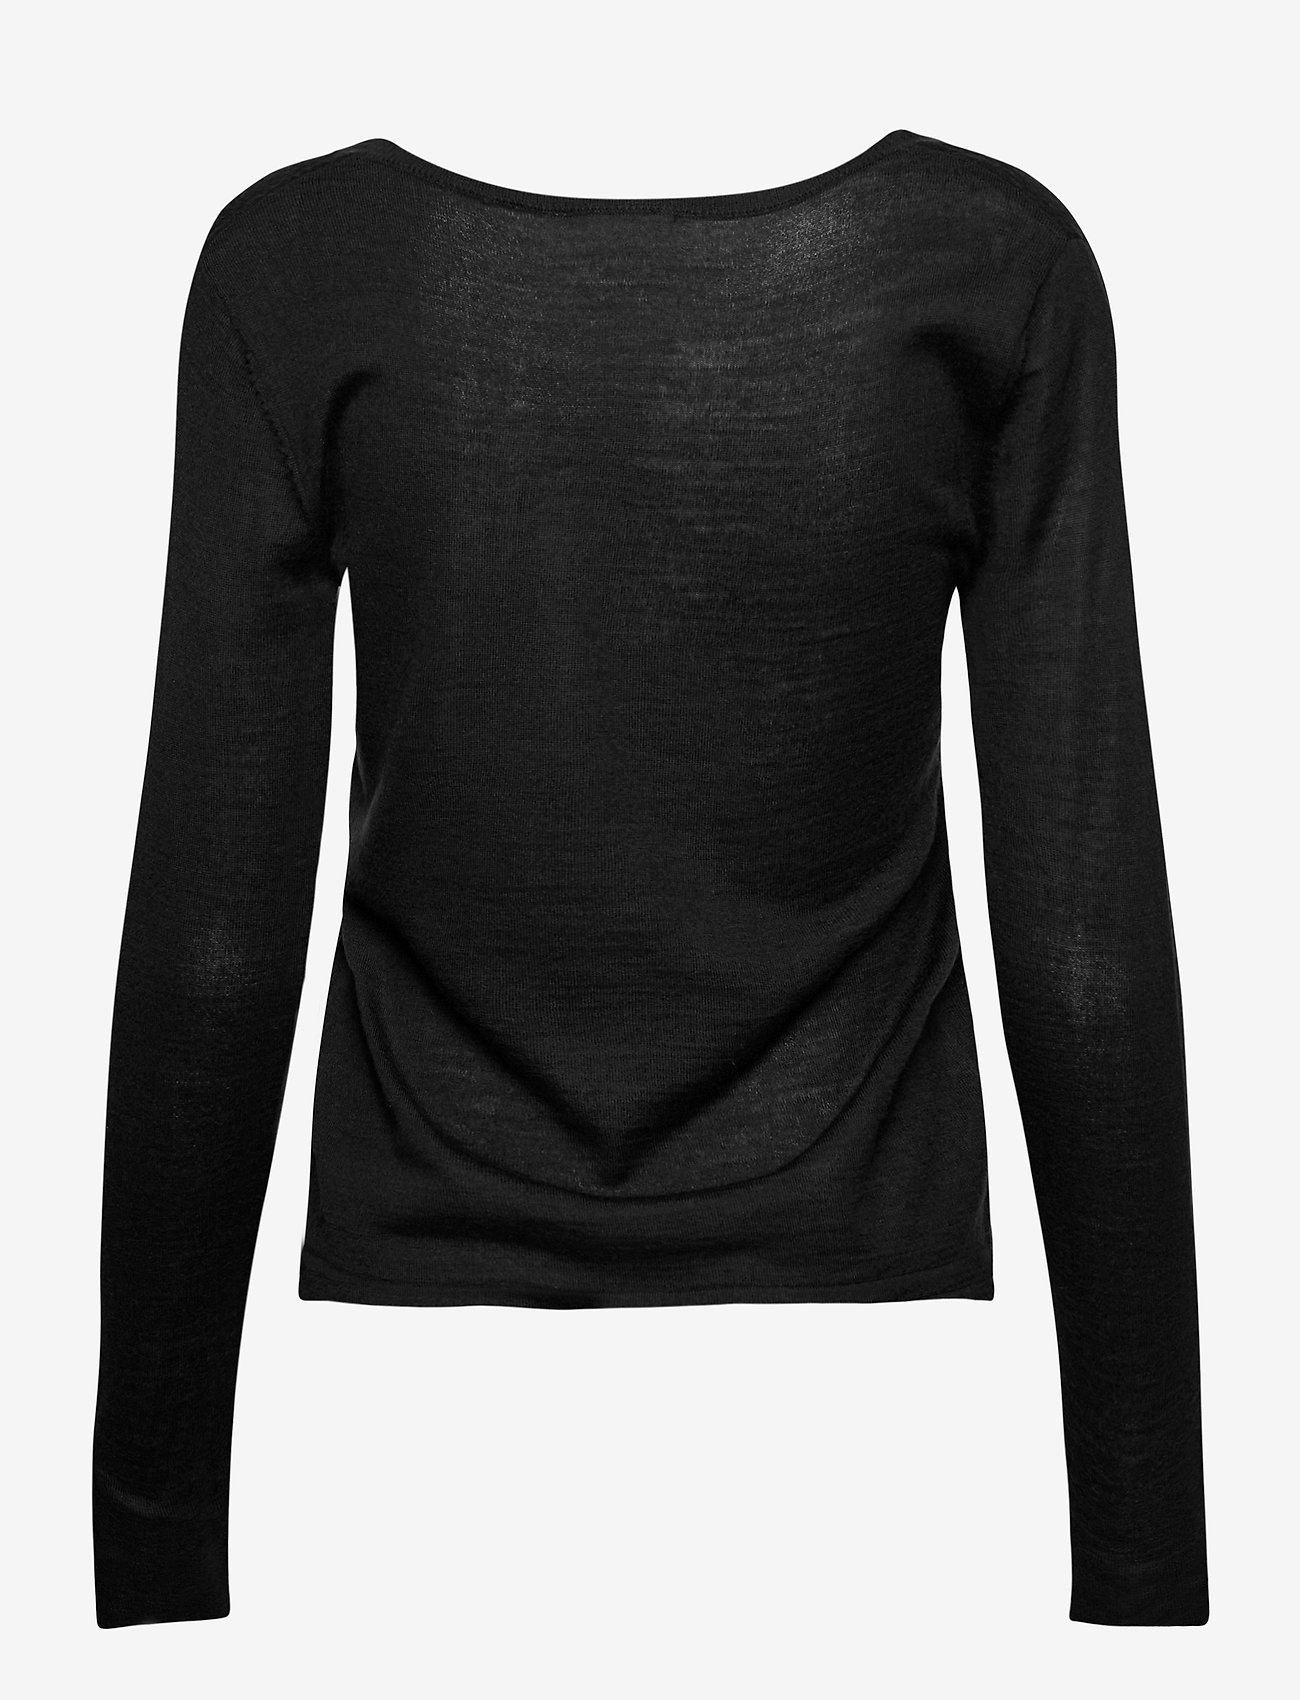 Rosemunde - Merino pullover ls - tröjor - black - 1